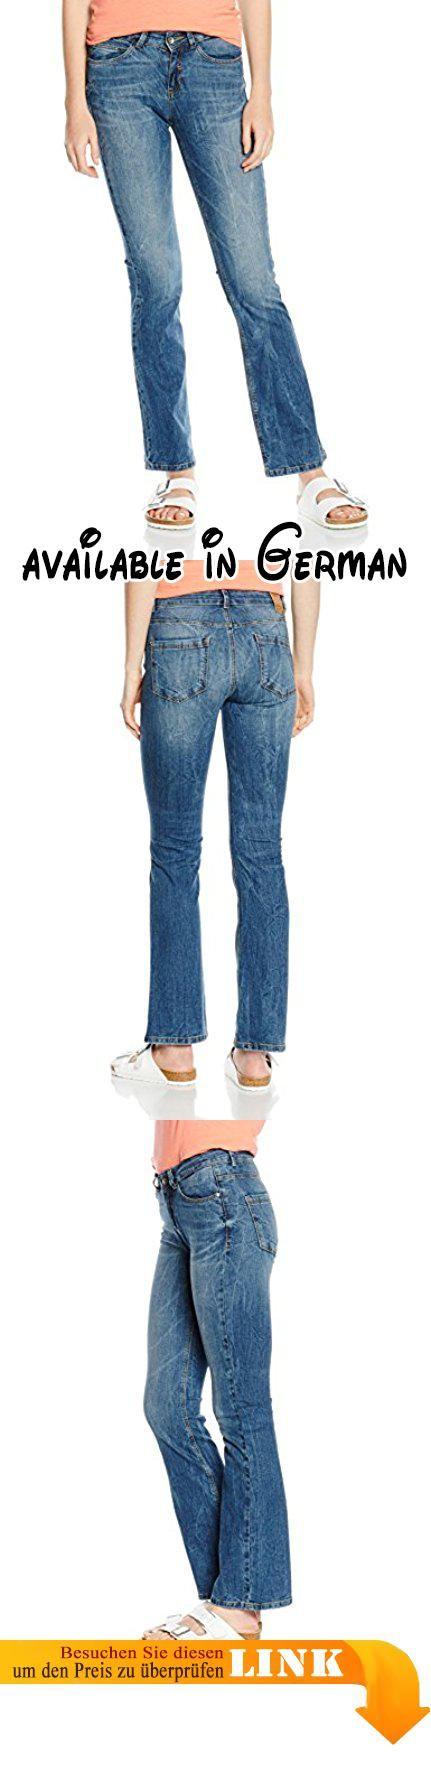 Comma CI Damen Schlag Jeanshose 88.601.71.2085, Gr. 34/L32 (Herstellergröße: 34), Blau (blue denim stretch 56Z7). Jeans mit Bundfalte. Jeans mit Schlag. Schlag #Apparel #PANTS